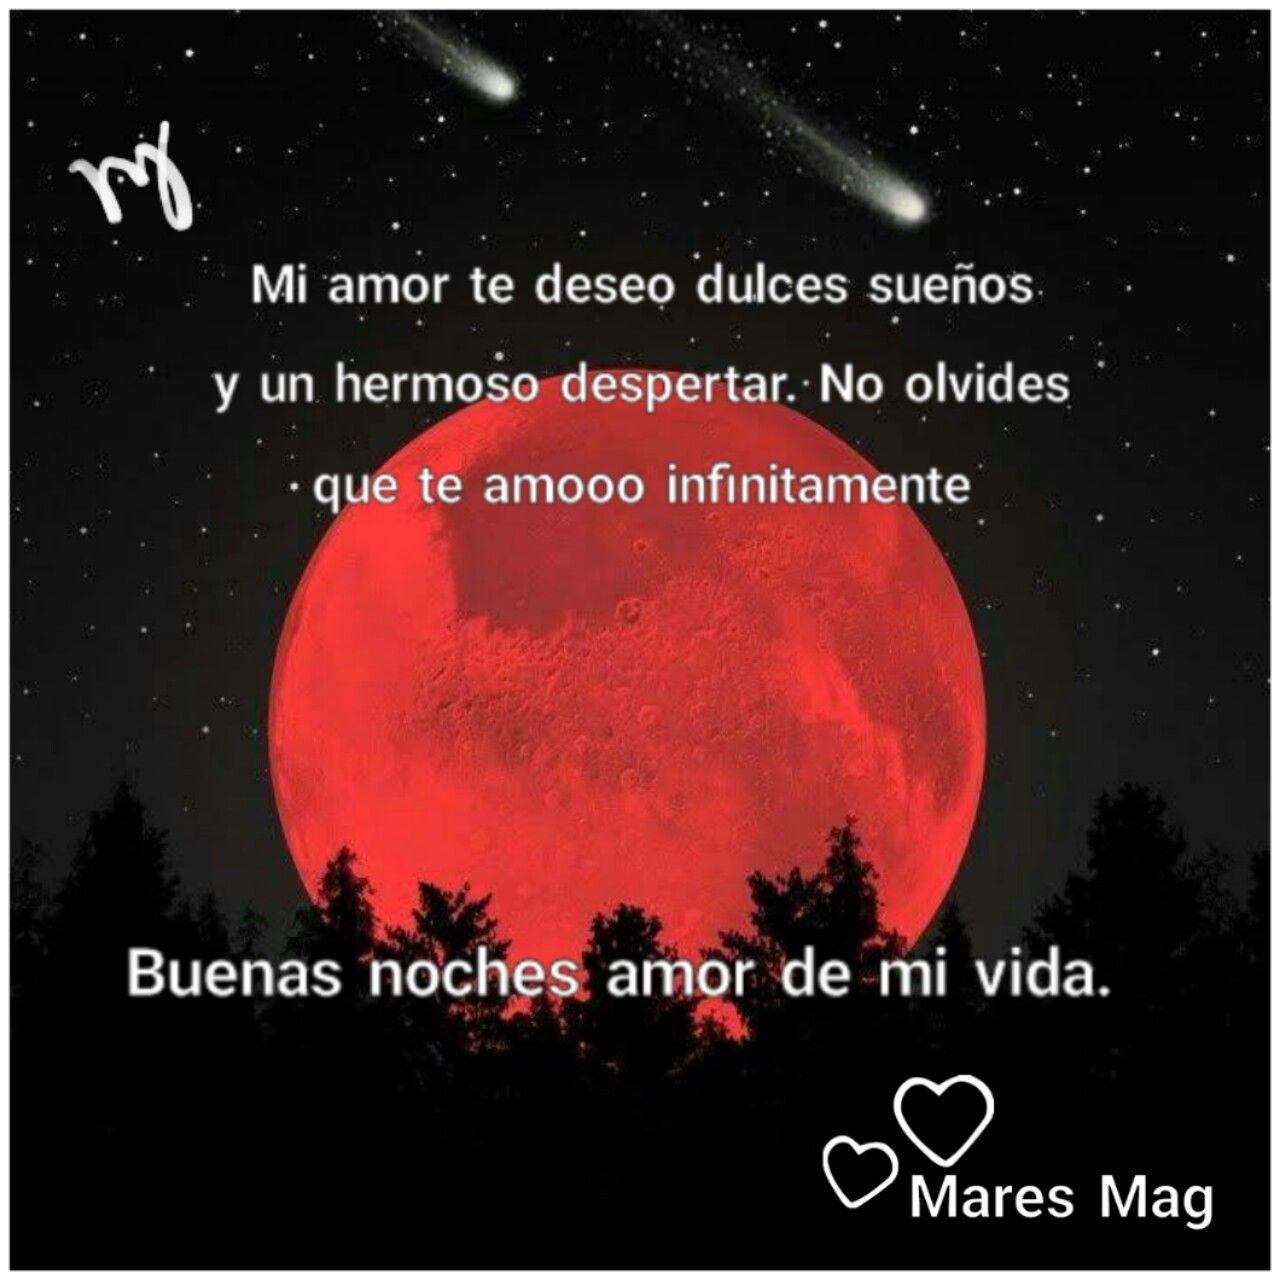 Buenas Noches Amor Feliz Noche Amor Buenas Noches Amor Mio Frases De Buenas Noches Amor